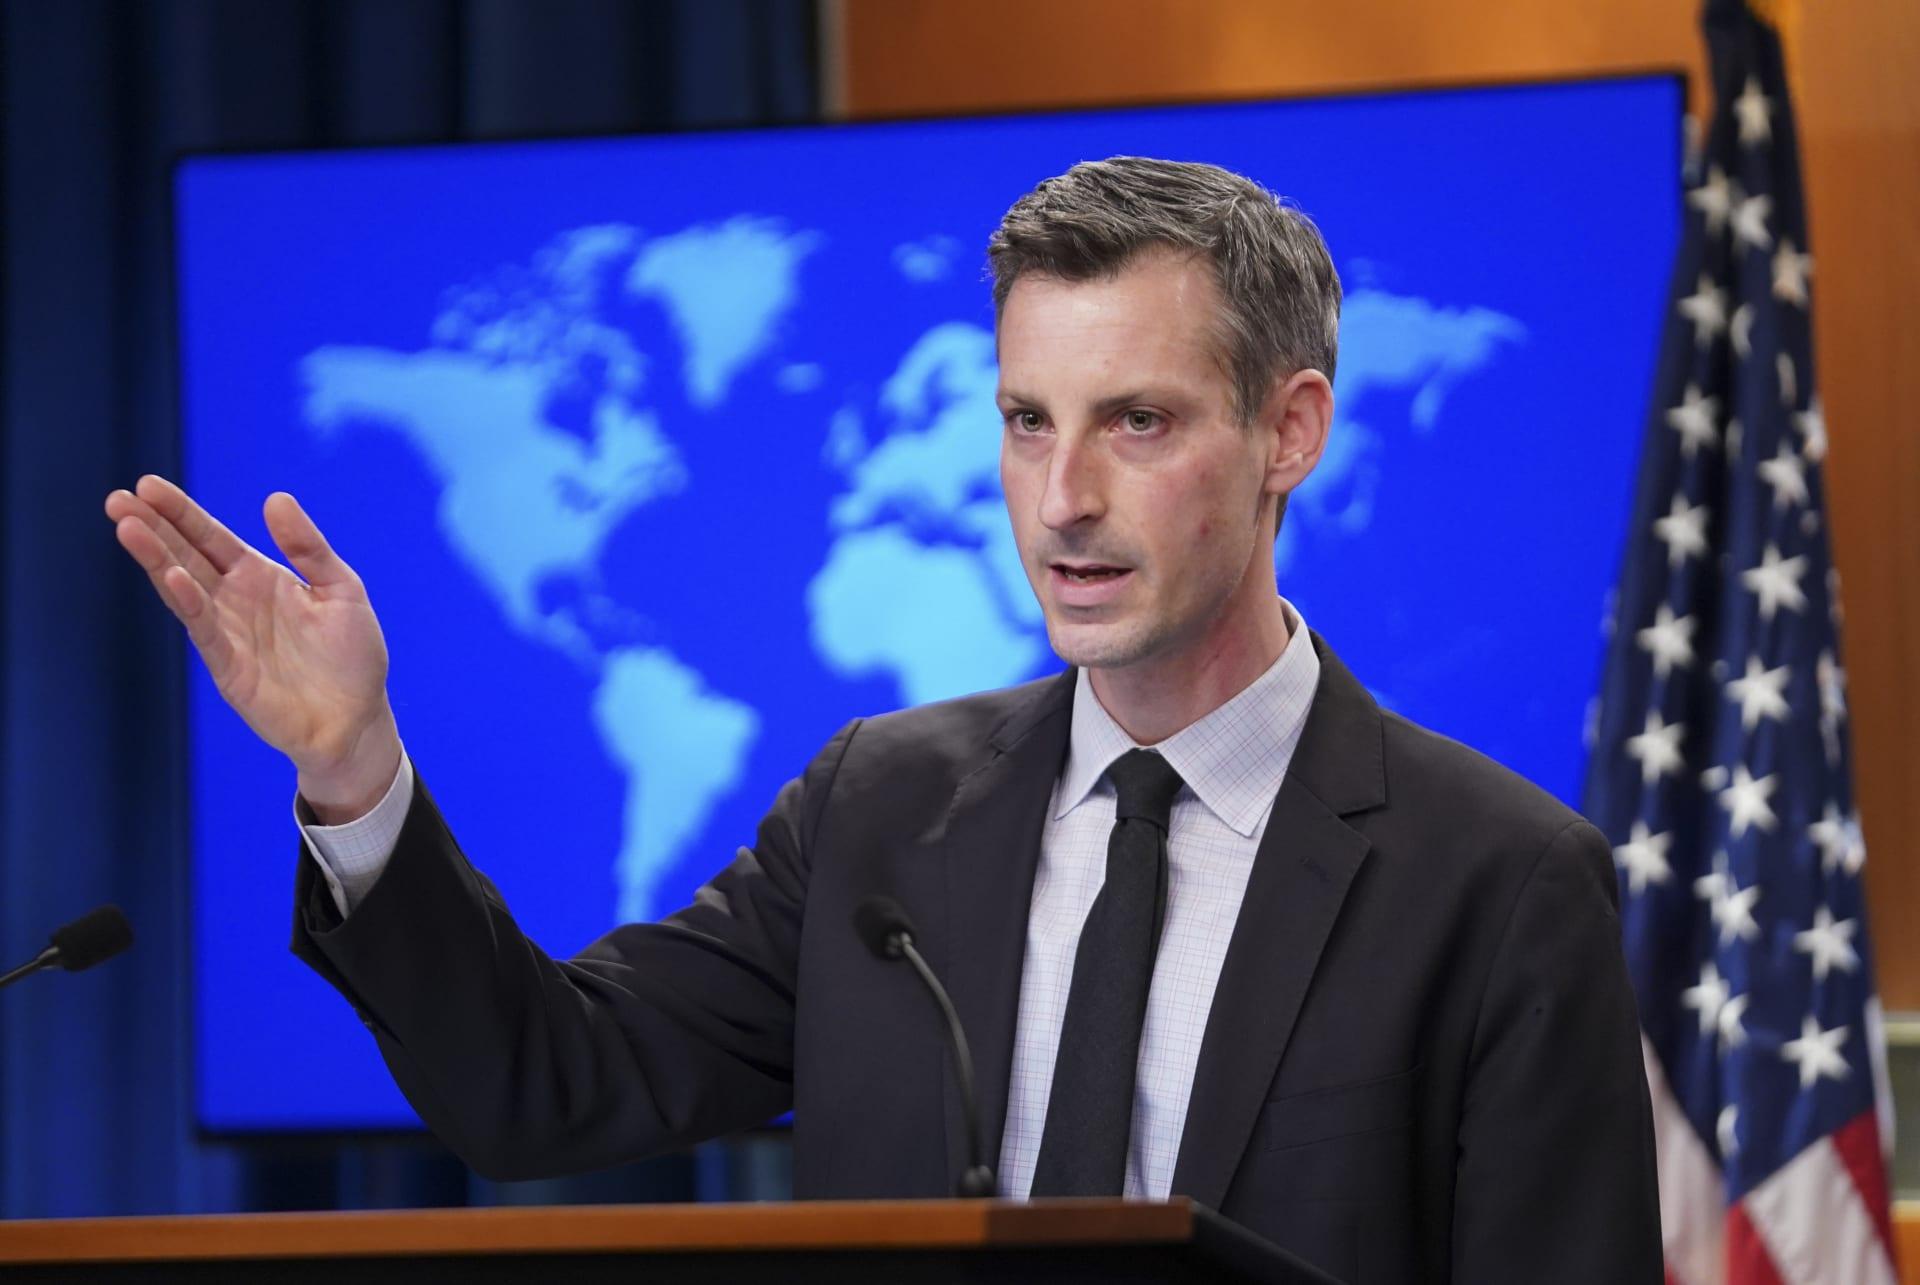 الخارجية الأمريكية:نعمل مع العراق للوصول إلى استقلاله السياسي والاقتصادي